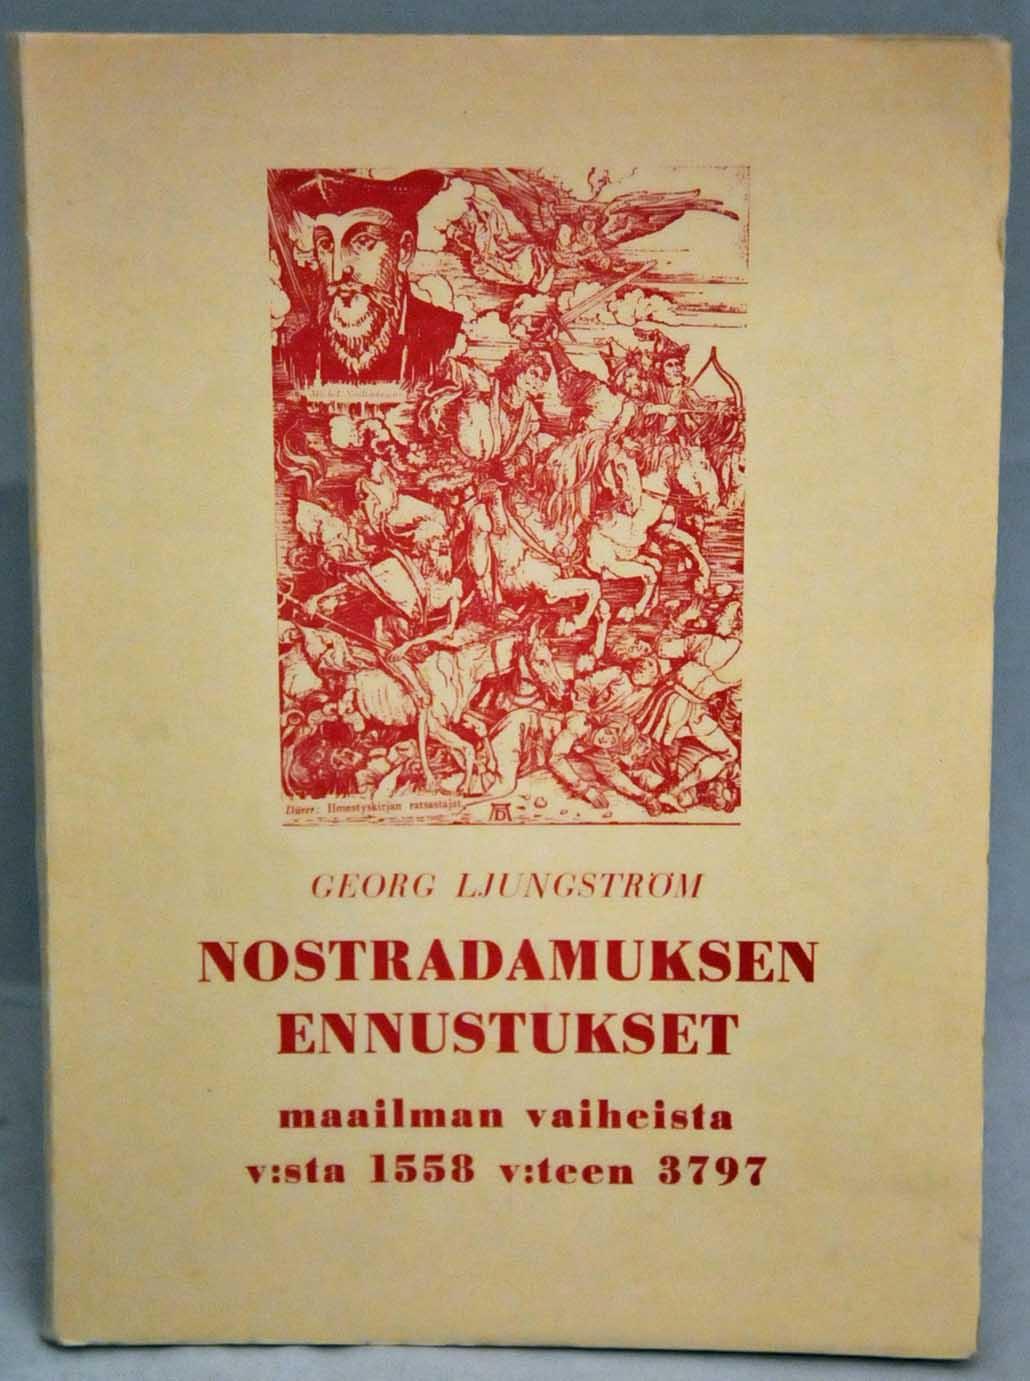 Nostradamuksen Ennustukset